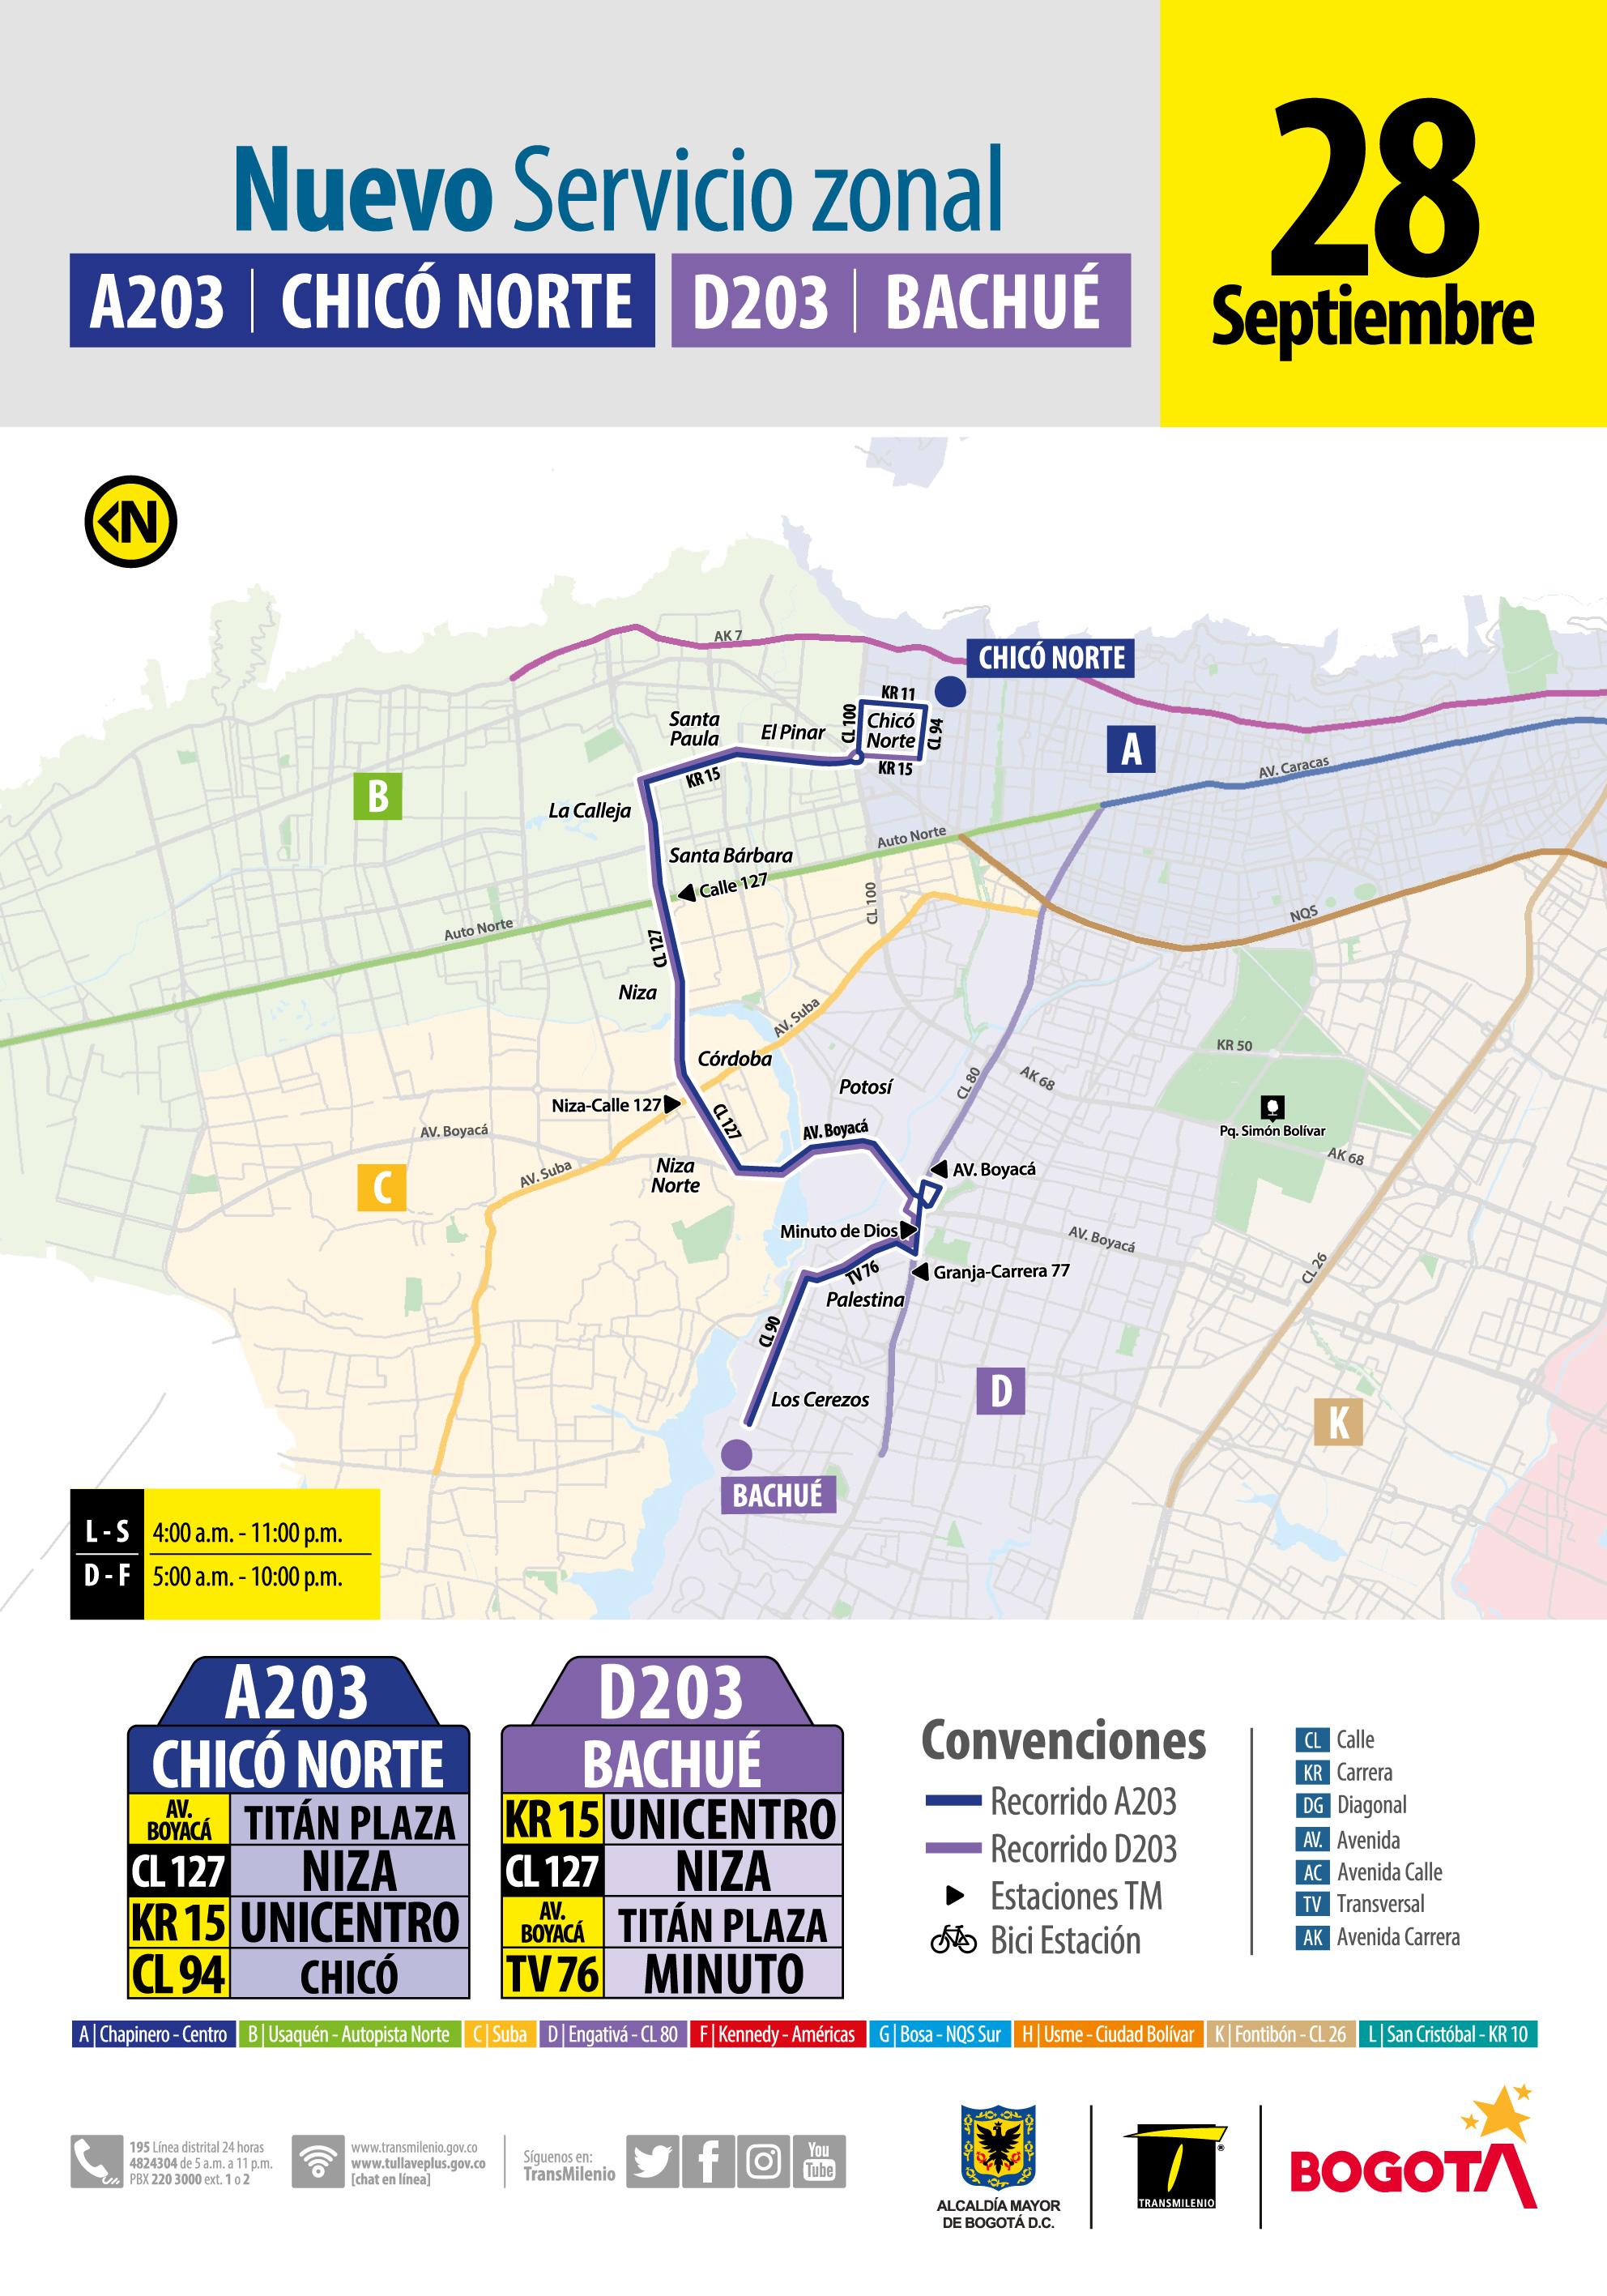 Recorrido de la ruta A203 D203